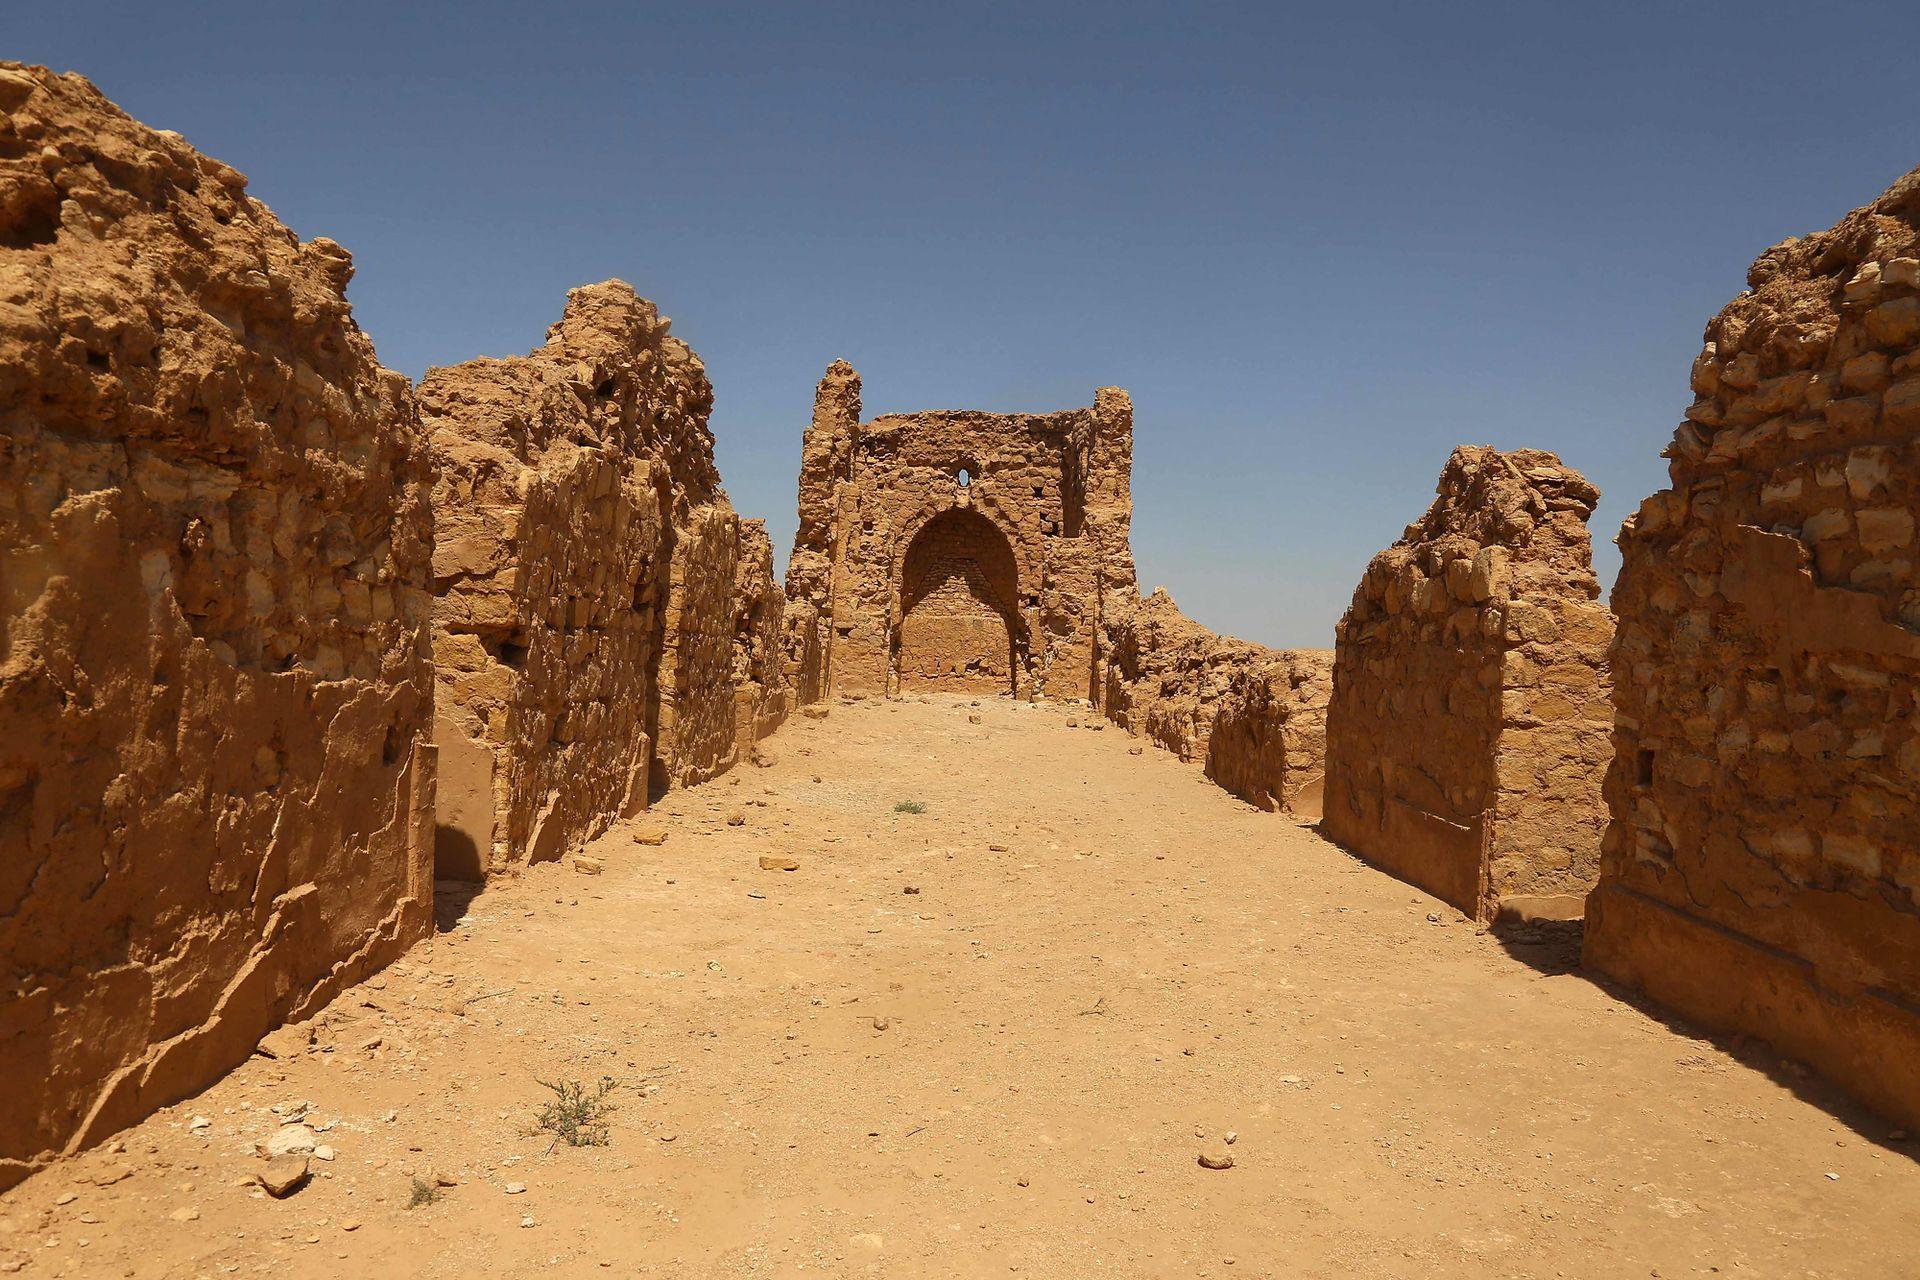 Una de las iglesias más antiguas del mundo se desmorona bajo el sol calcinante del desierto de Irak, víctima de años de conflicto, negligencia estatal y el cambio climático, en un país con un rico patrimonio histórico